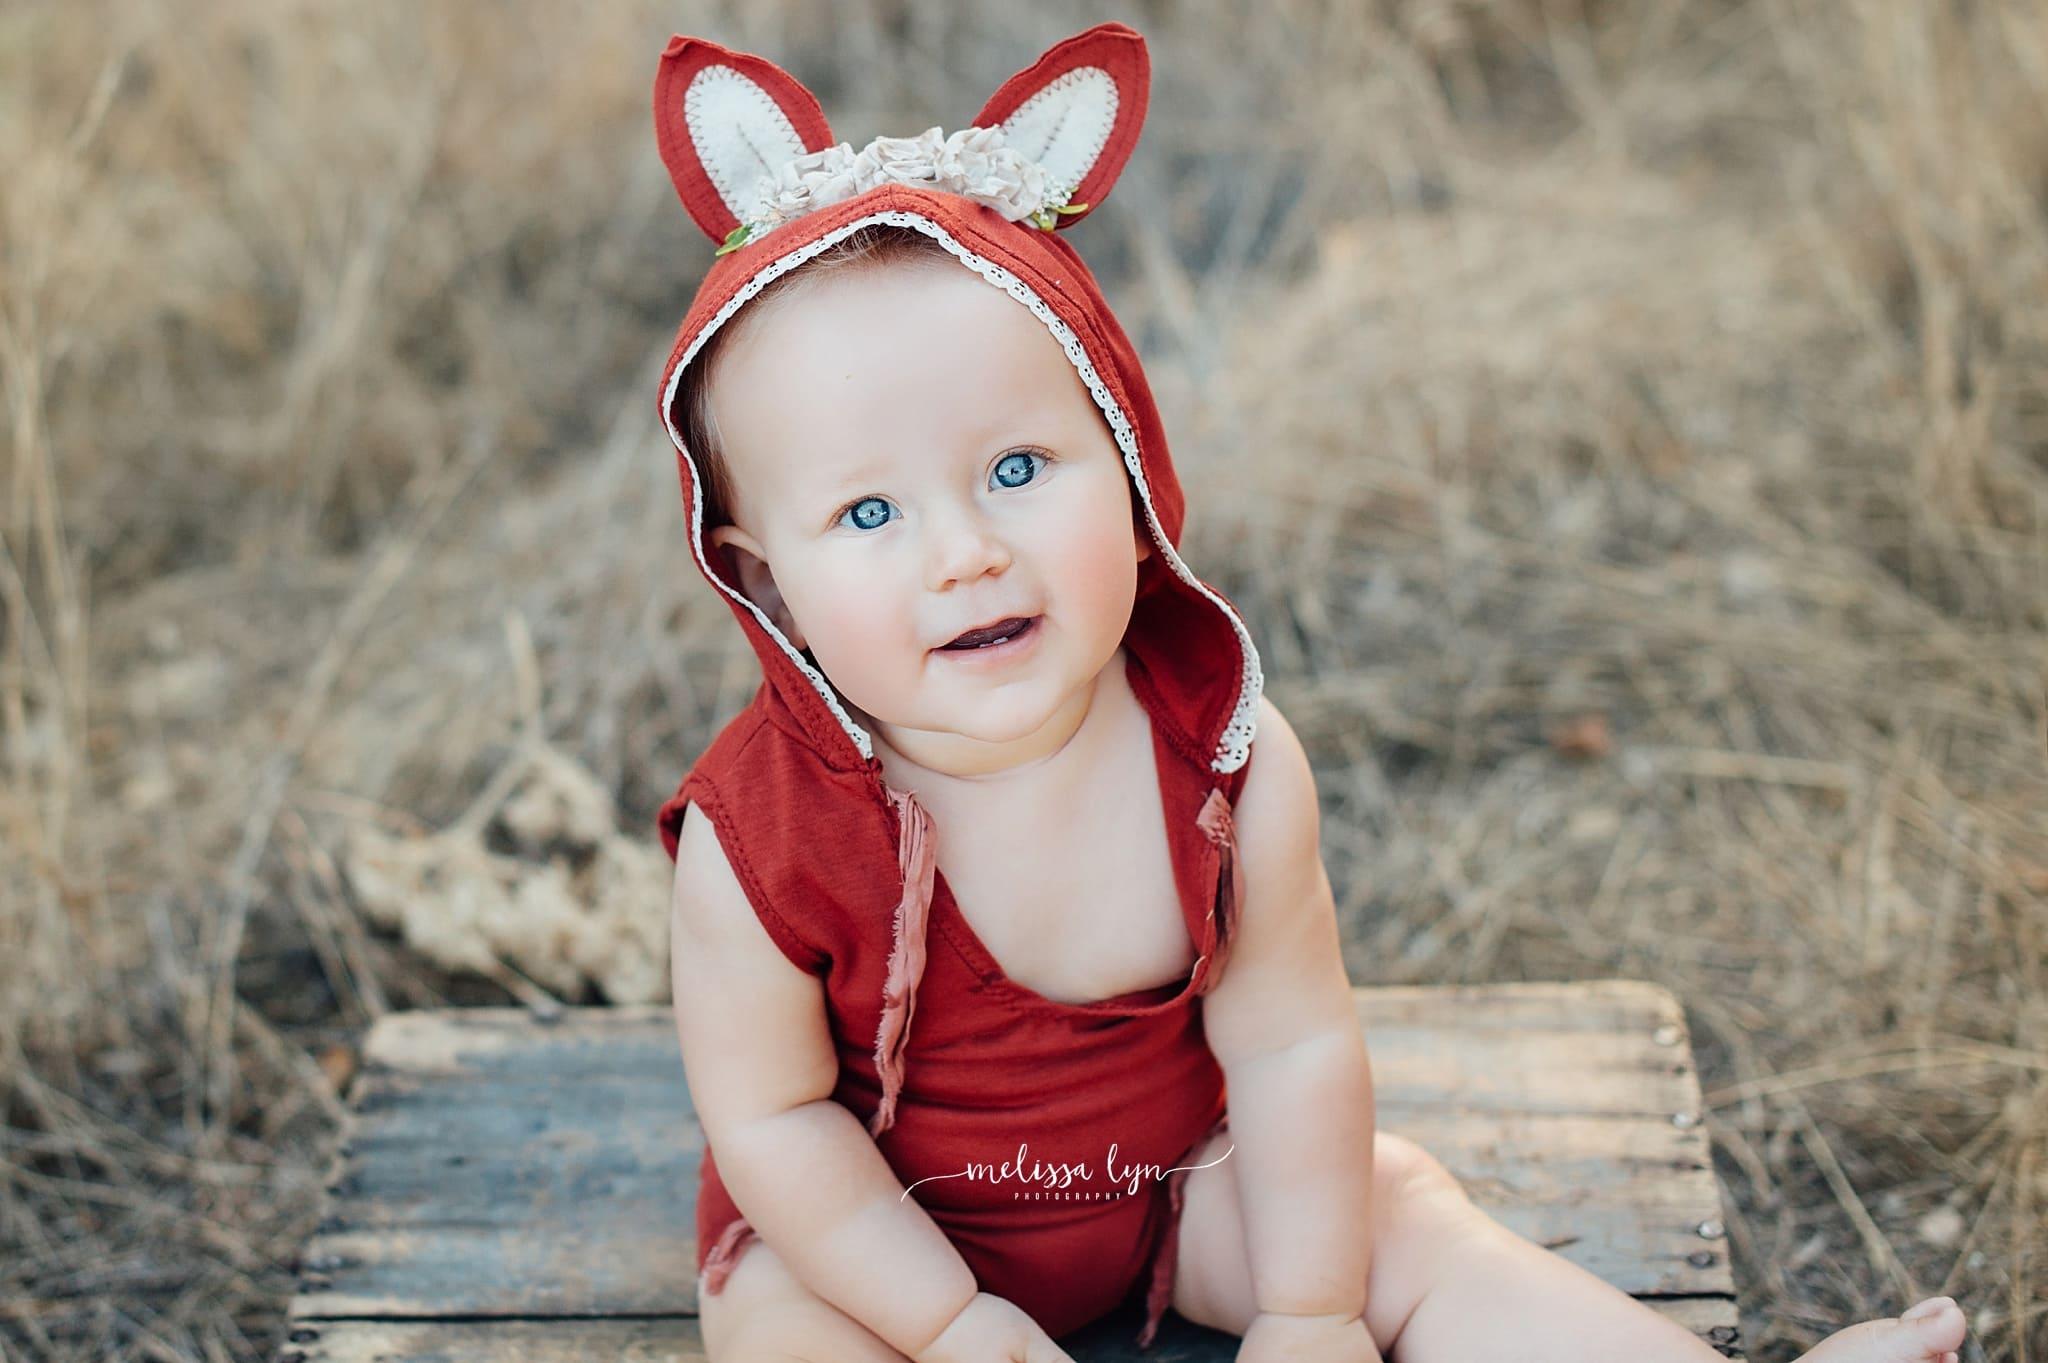 temecula baby photographer, murrieta baby photographer, outdoor baby photographer, boho baby photographer